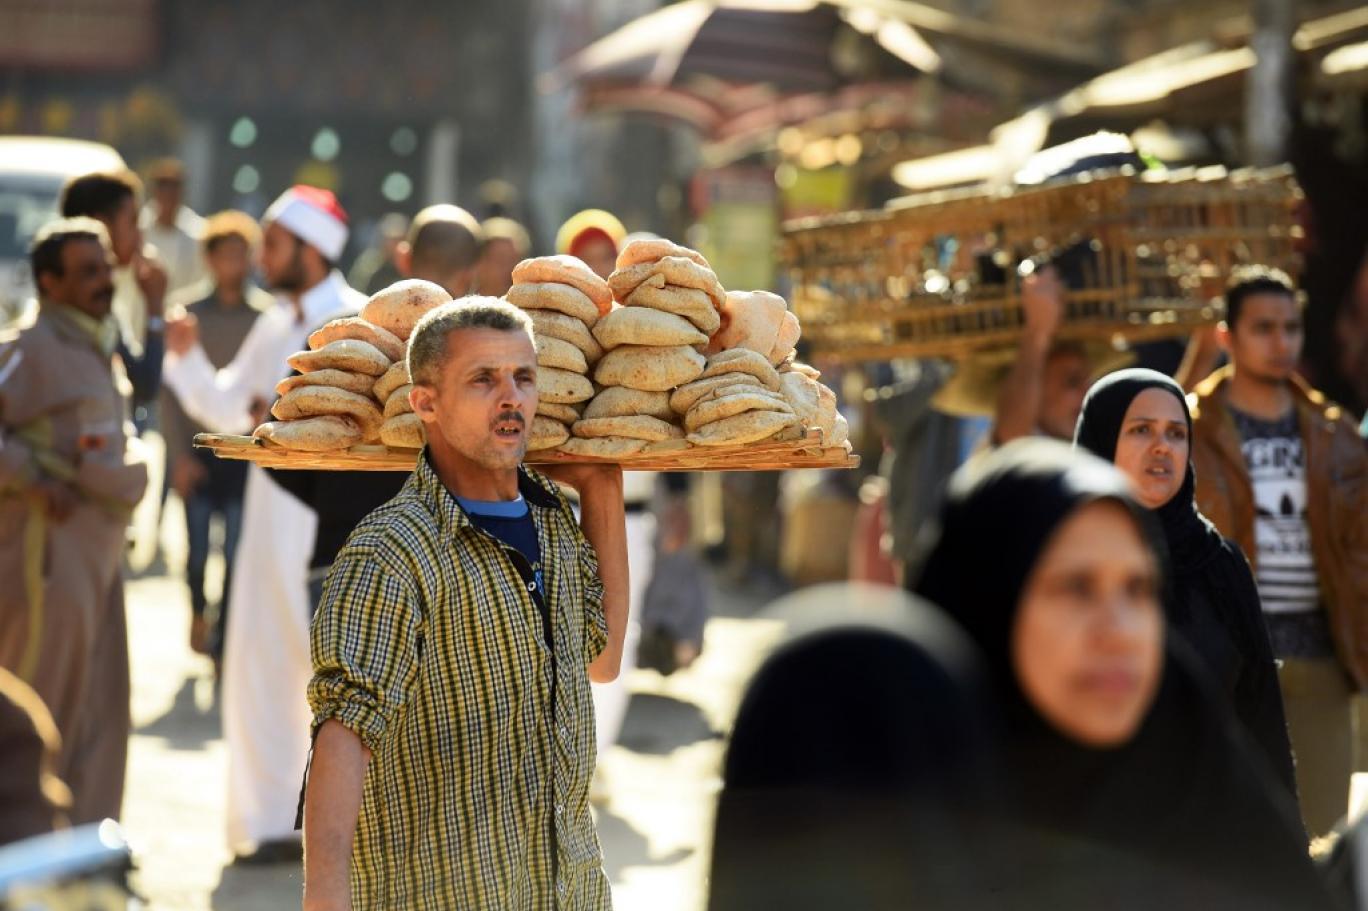 الحكومة المصرية تنقص وزن رغيف الخبز بعد ارتفاع تكلفته  (أ ف ب).jpg